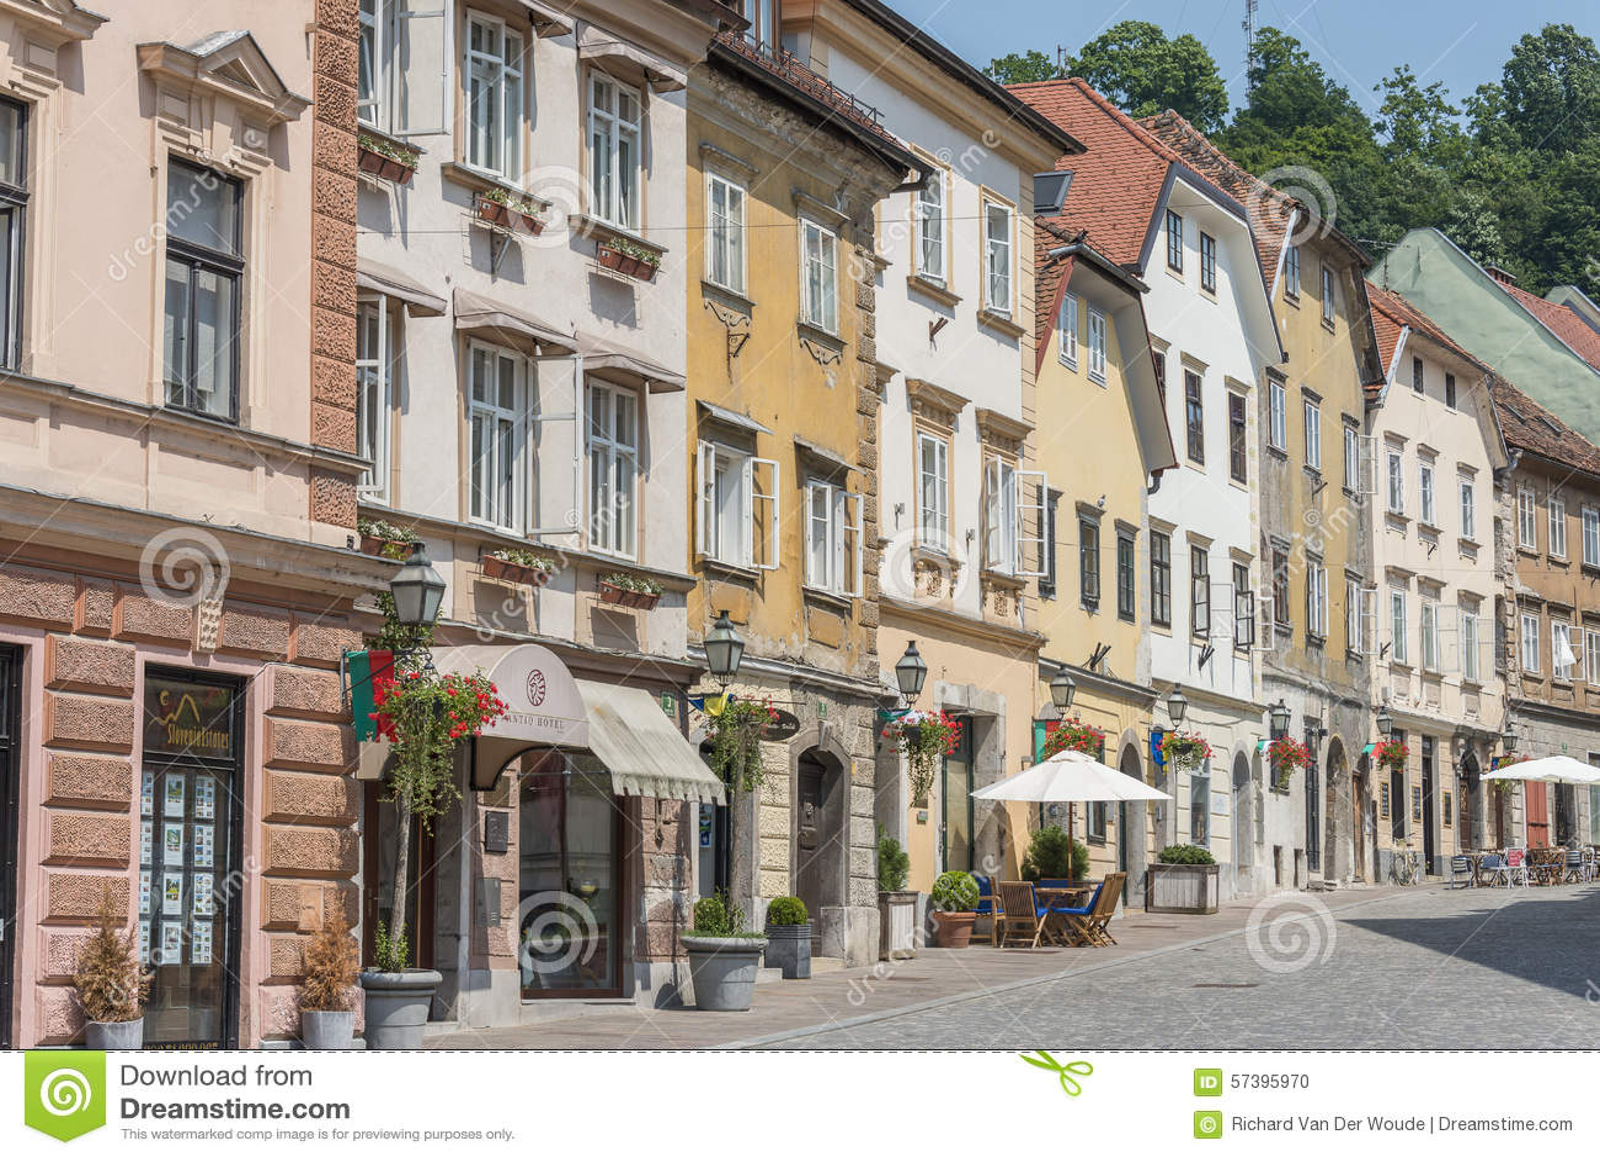 Gebouwen in historisch centrum van Ljubljana, Slovenië